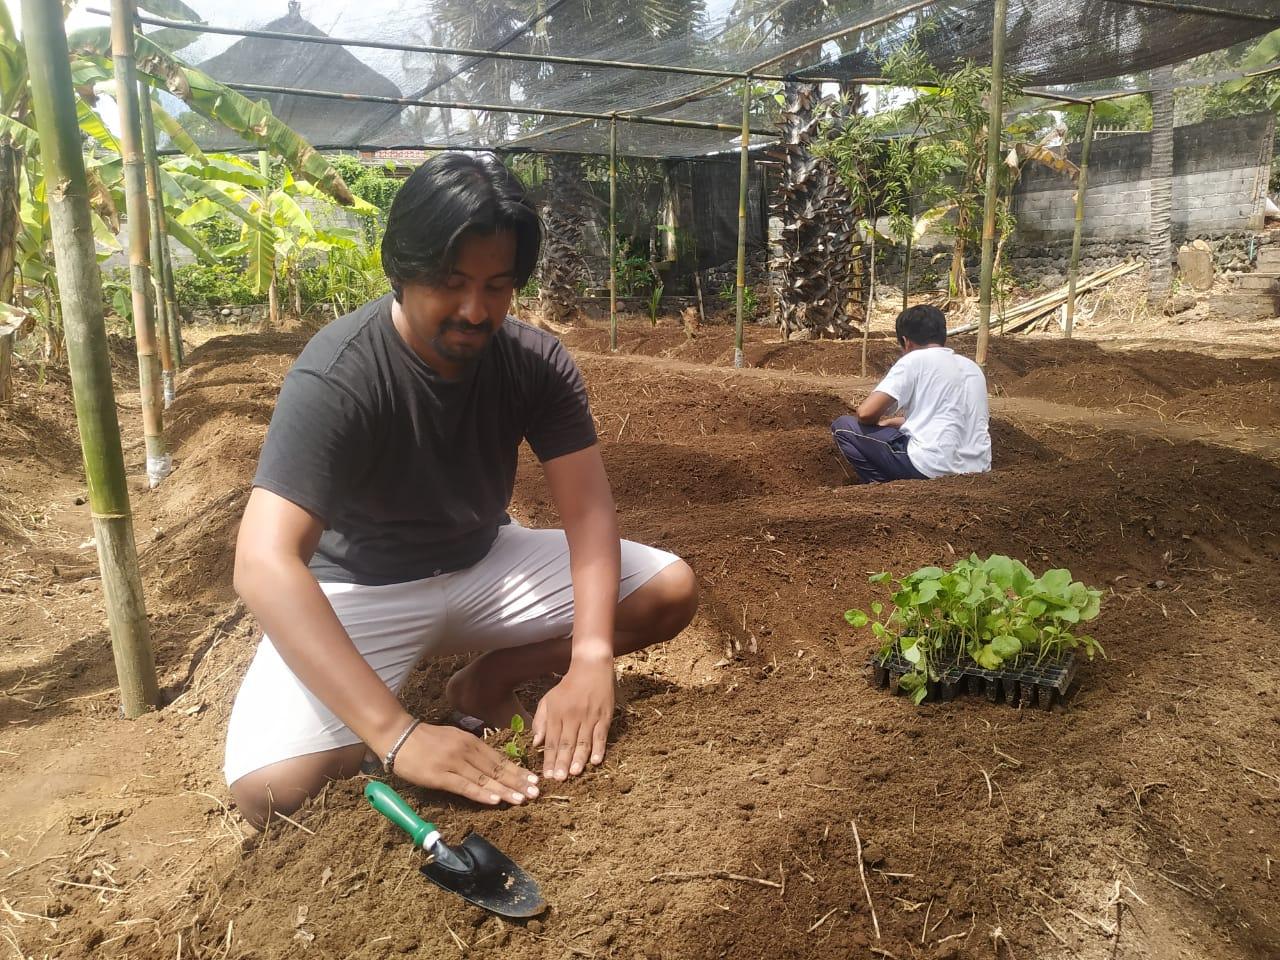 Salah satu penggagas Kebun Indonesia Raya, Yoga Fitrana Cahyadi saat berada di lahannya Desa Seraya Karangasem Bali. Foto: Lintasnusanews.com/Ist